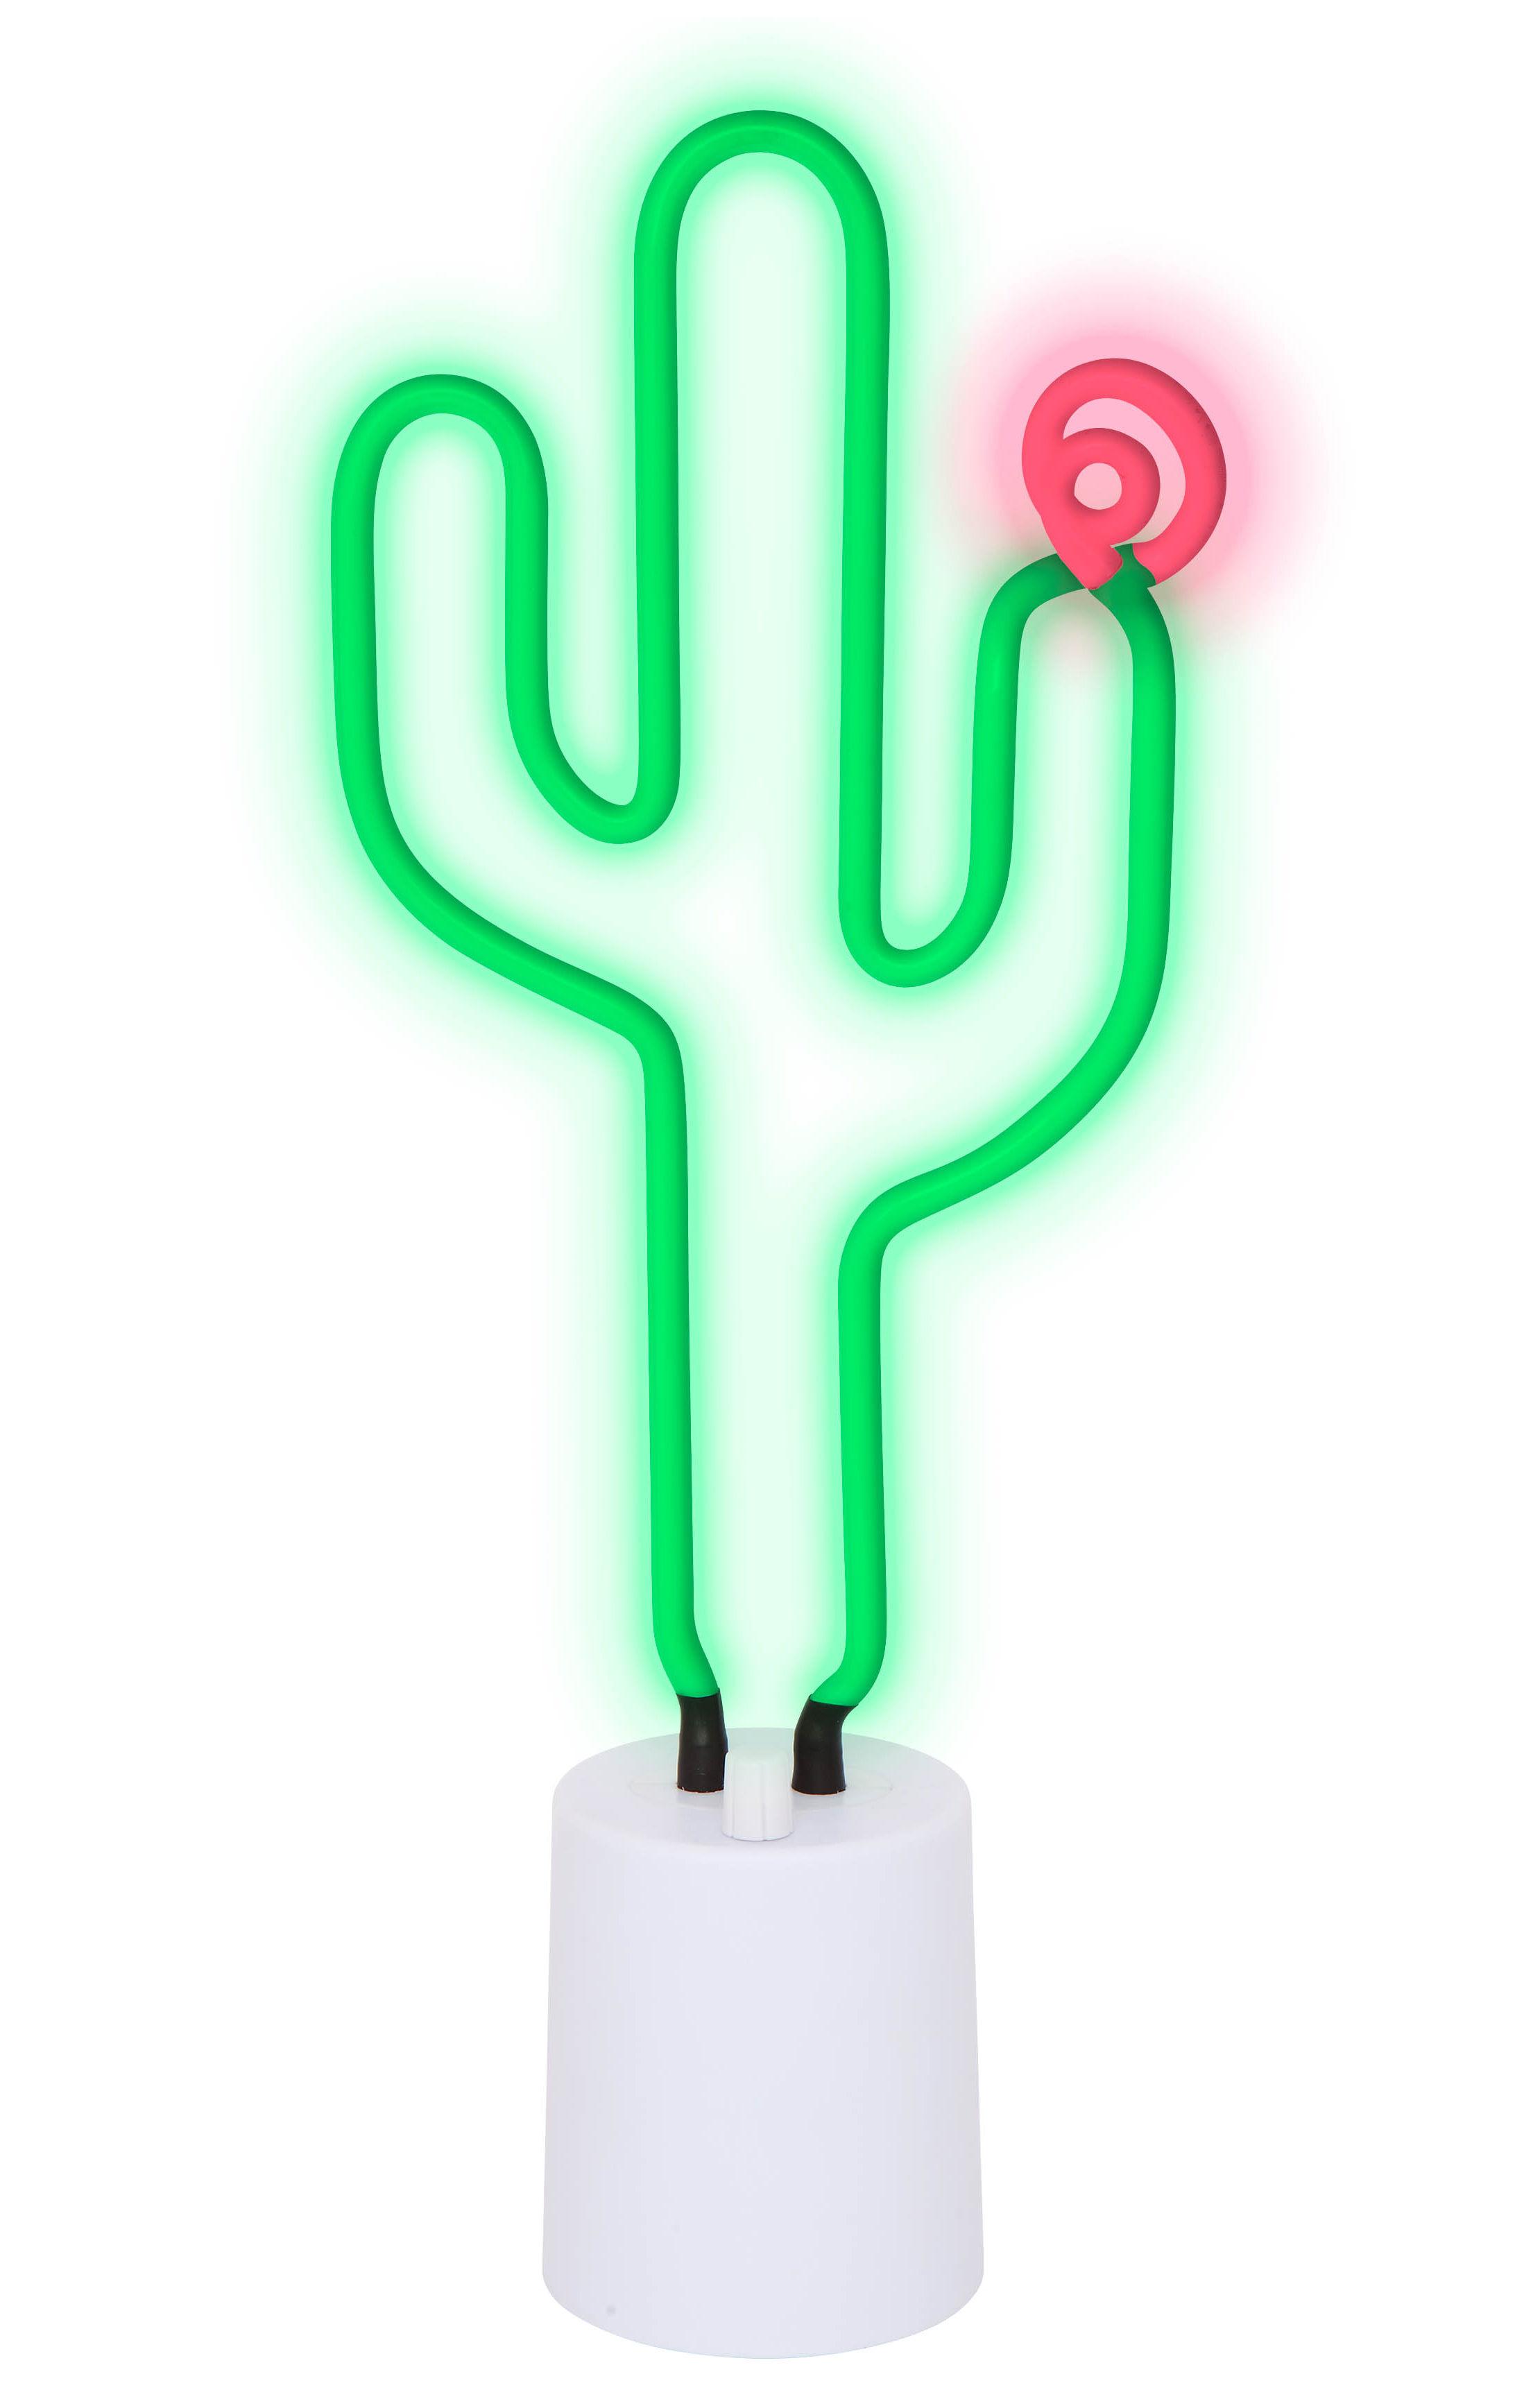 Déco - Pour les enfants - Lampe Neon Cactus Large / H 45 cm - Sunnylife - Cactus / Vert - ABS, Verre